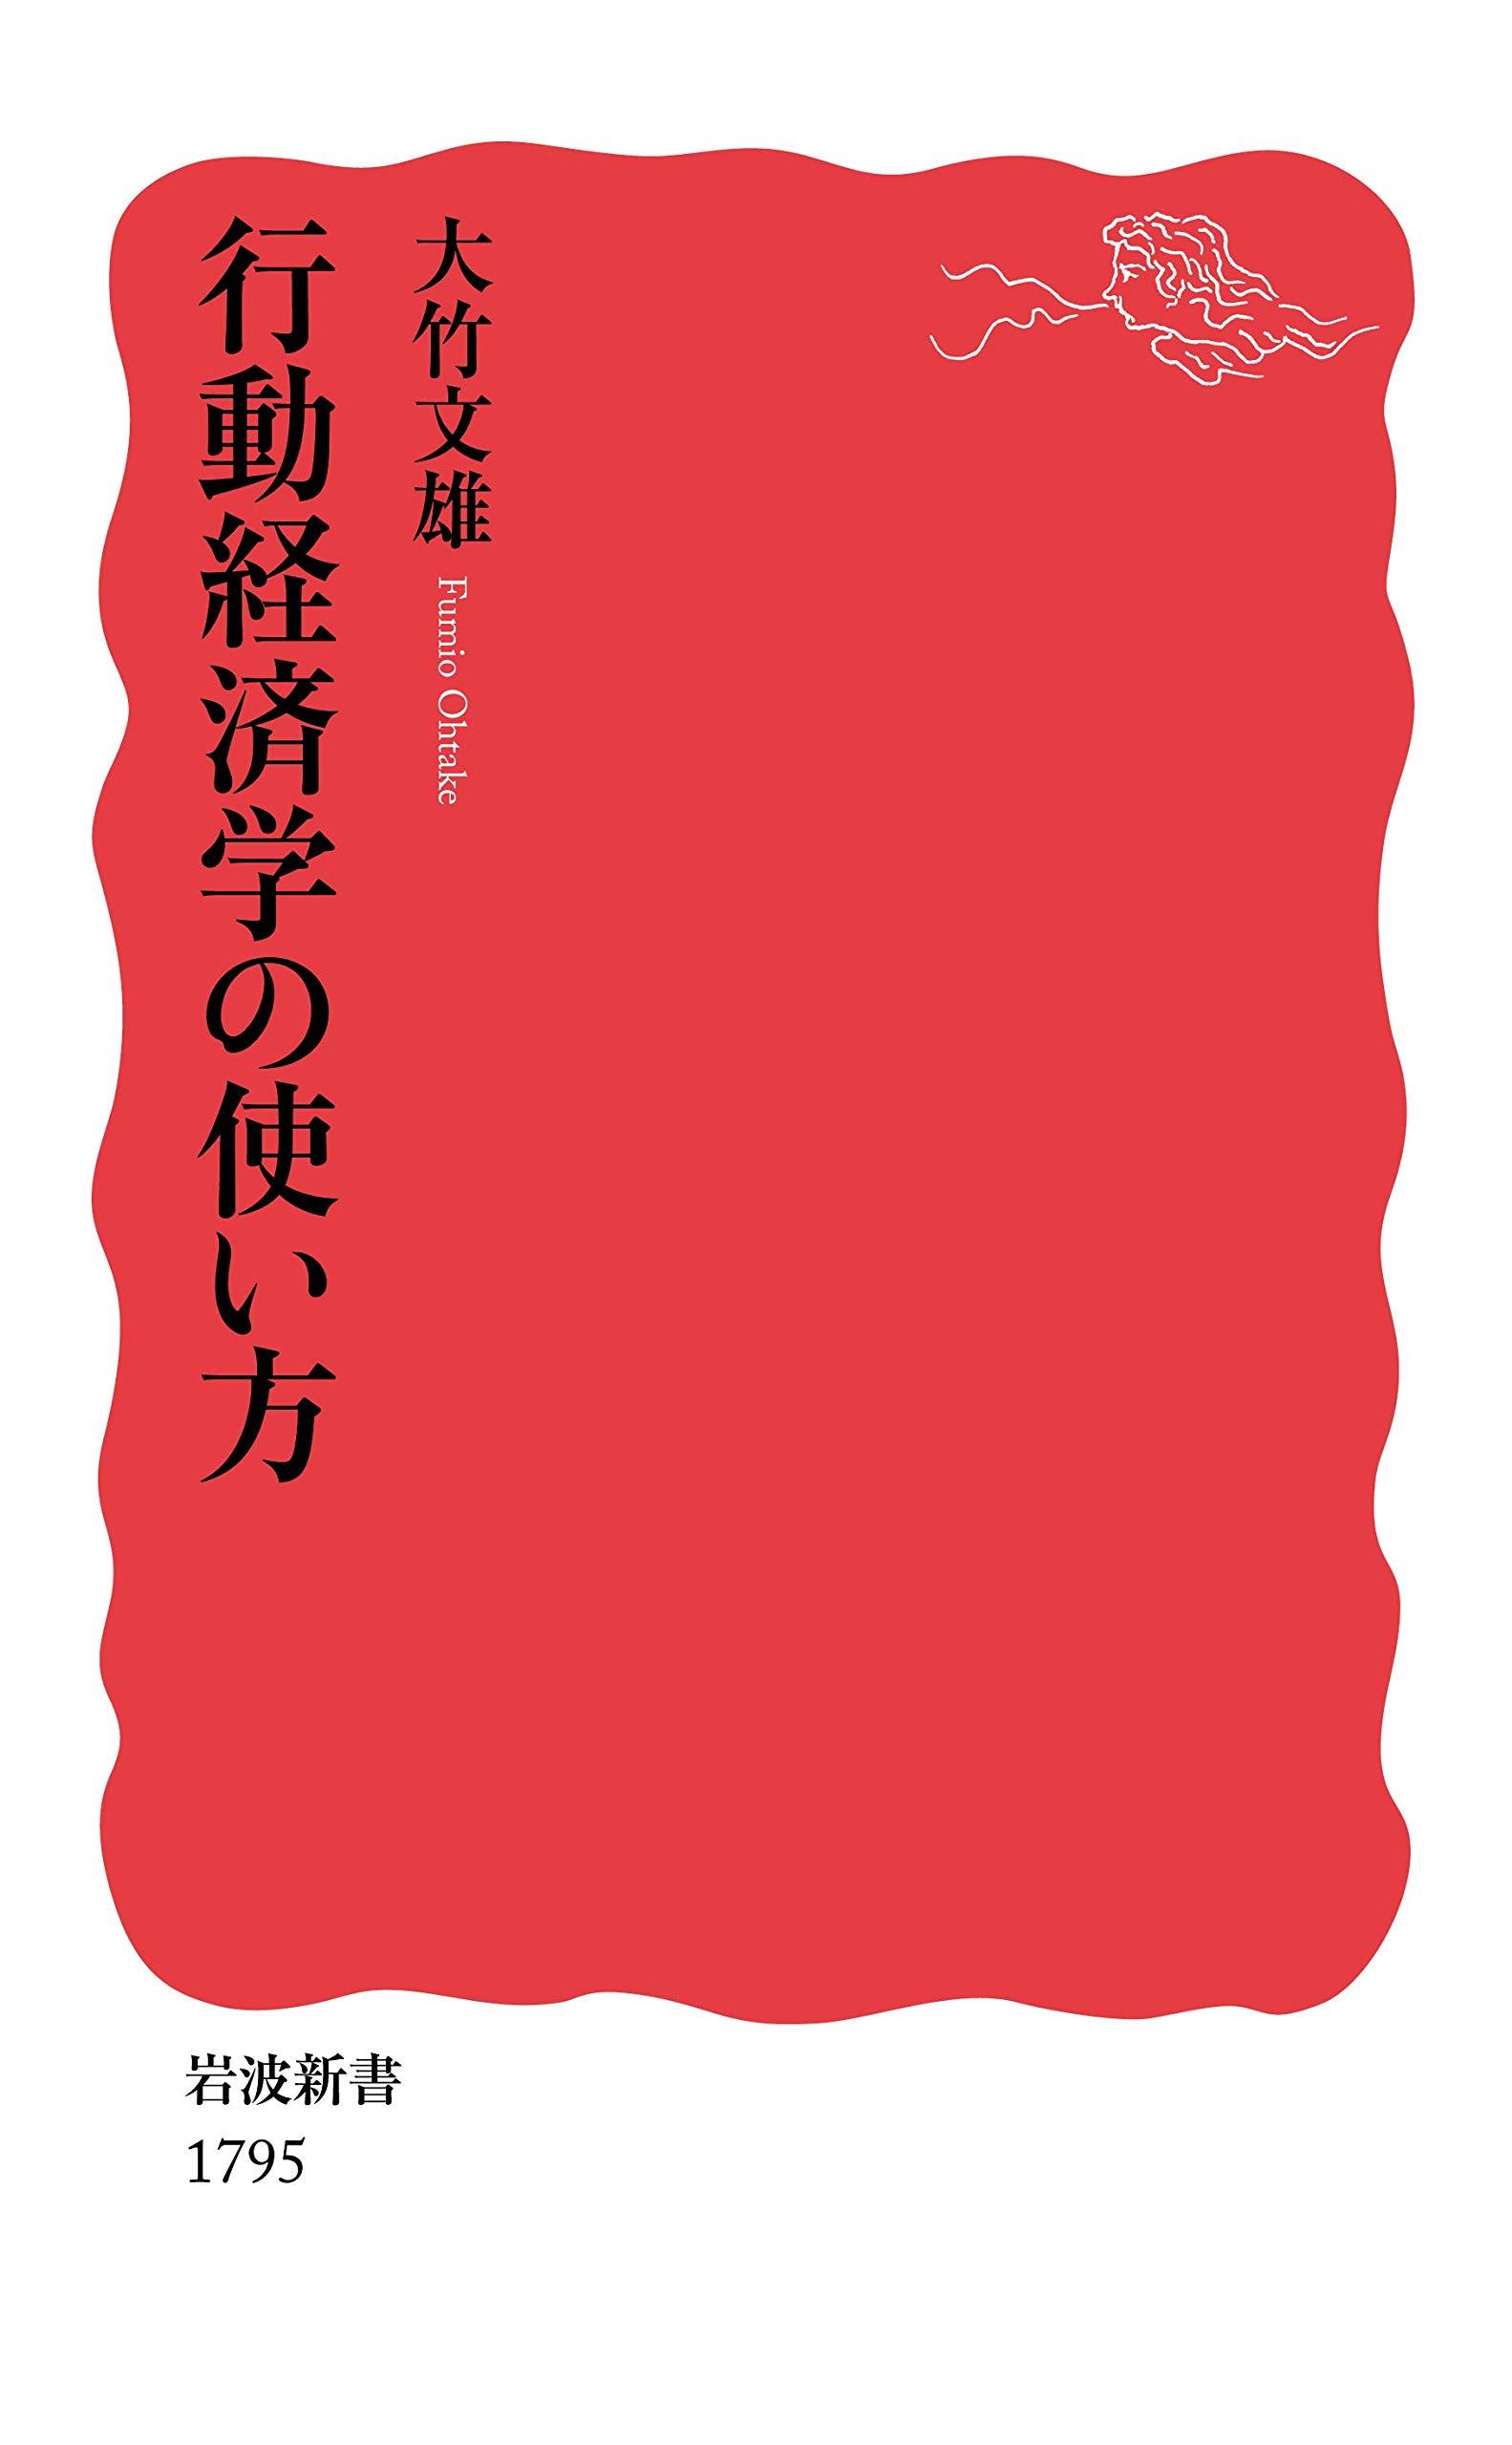 行動 経済 学 行動経済学 - Wikipedia